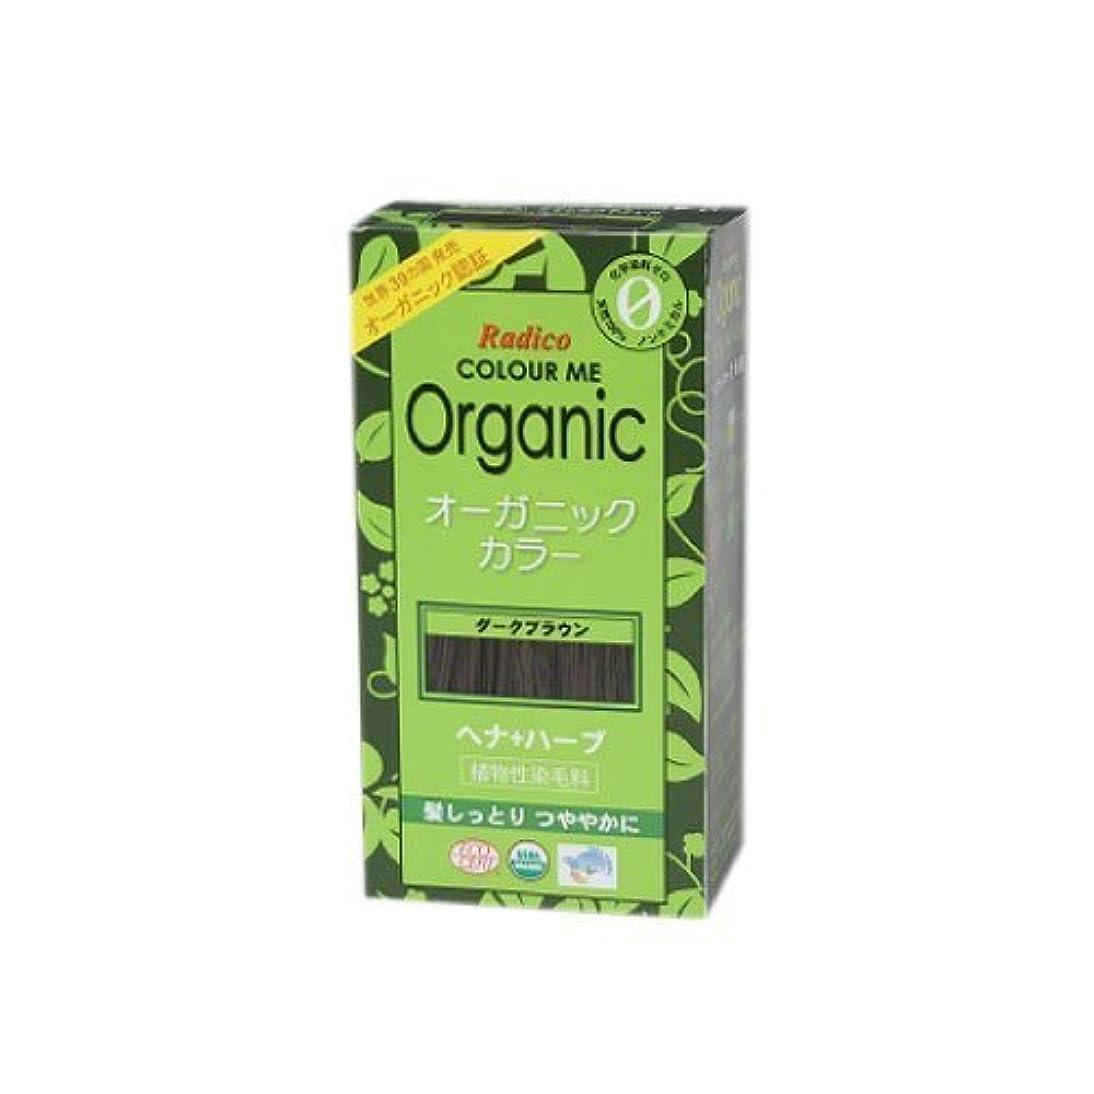 グリーンバックディスコスワップCOLOURME Organic (カラーミーオーガニック ヘナ 白髪用) ダークブラウン 100g